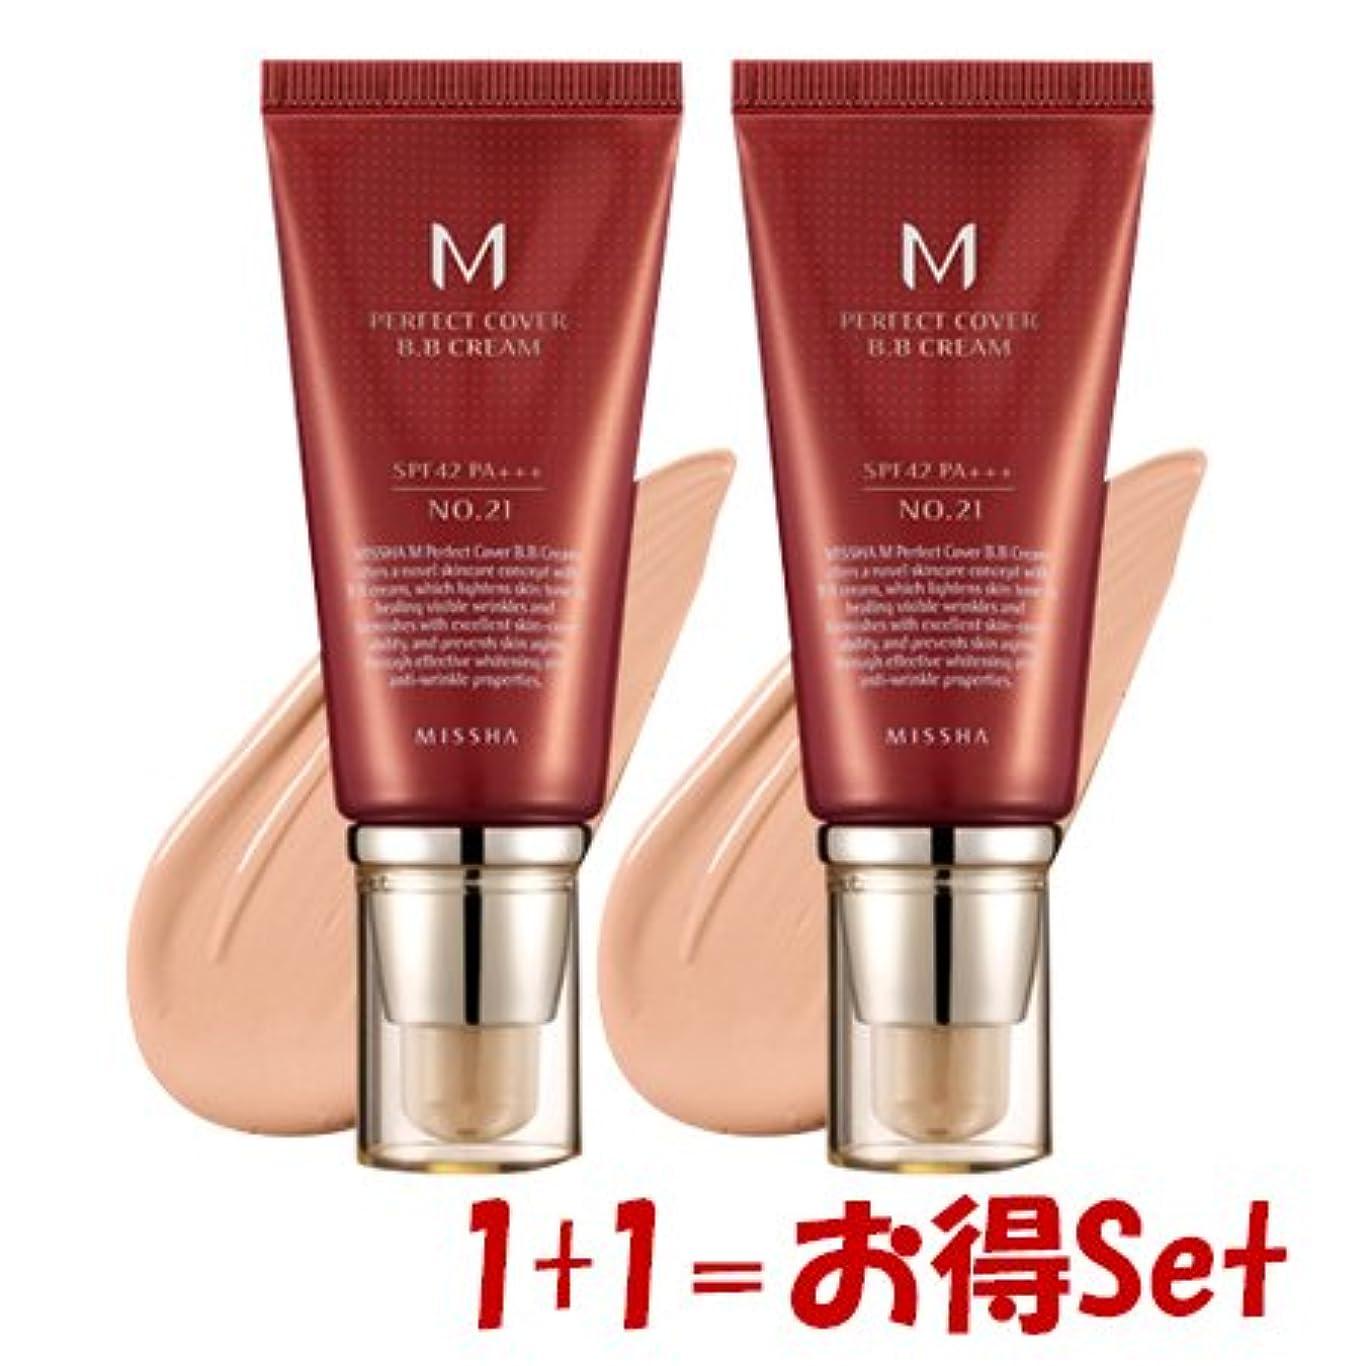 知覚的について付与MISSHA(ミシャ) M Perfect Cover パーフェクトカバーBBクリーム 21号+ 21号(1+1=Set) [並行輸入品]